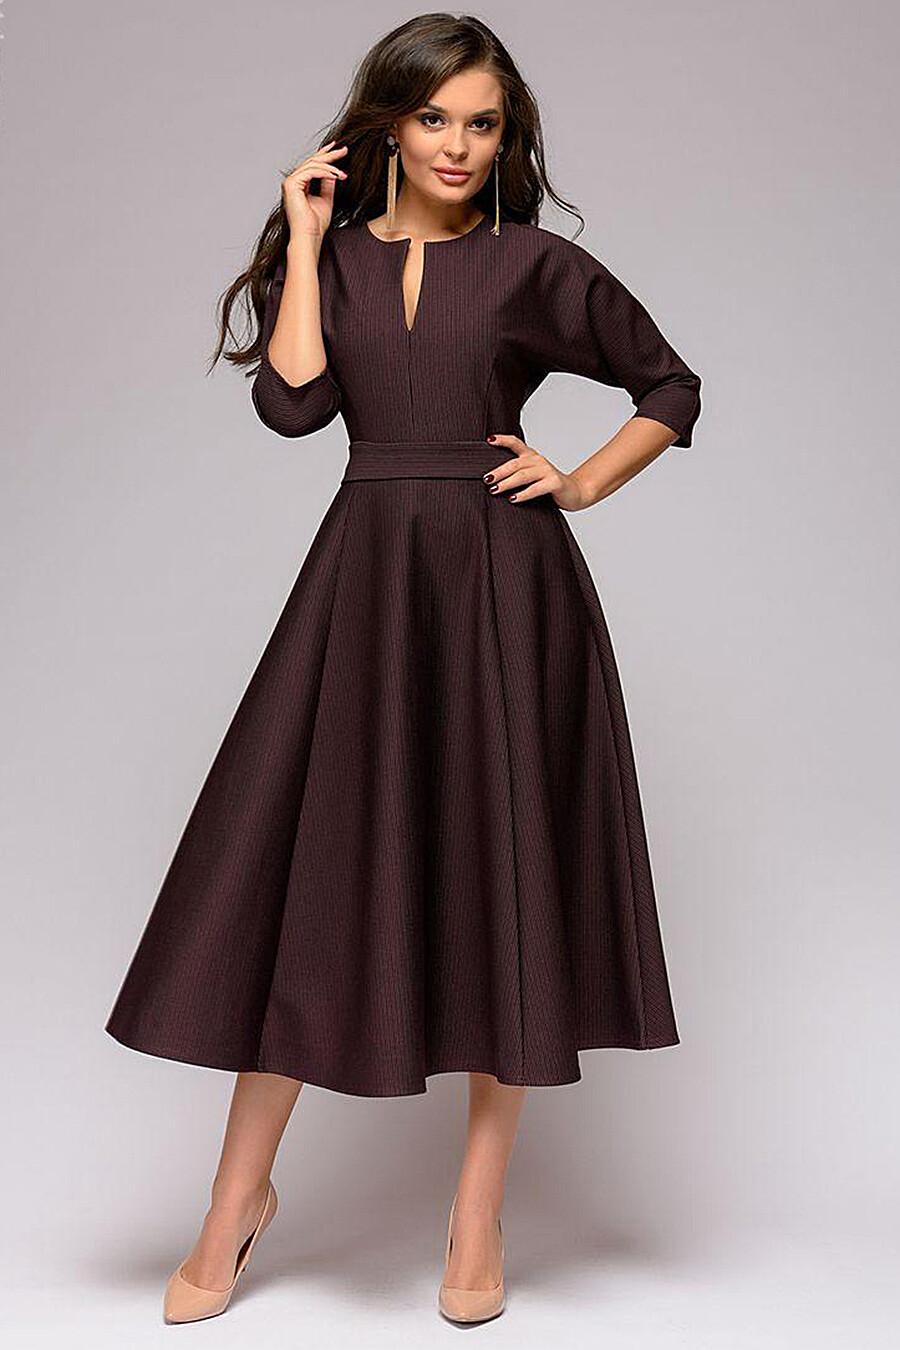 Платье для женщин 1001 DRESS 130995 купить оптом от производителя. Совместная покупка женской одежды в OptMoyo